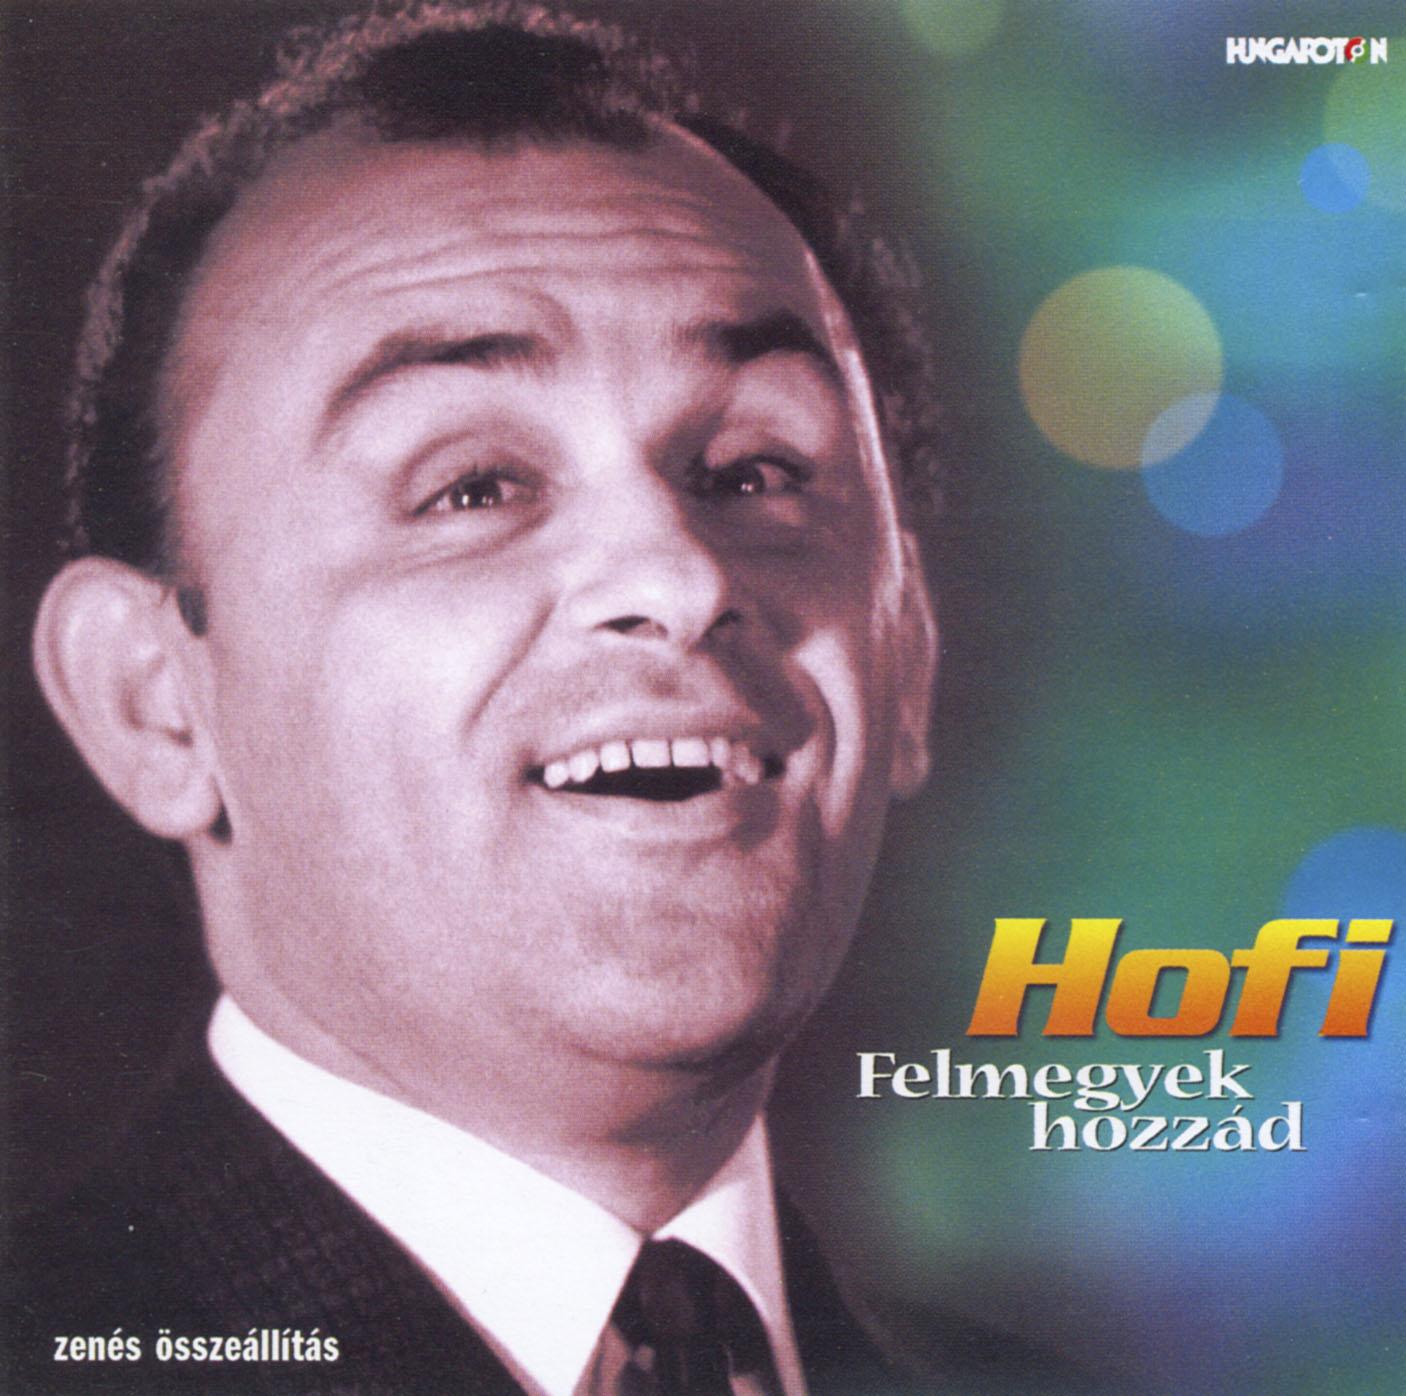 Hofi Géza Felmegyek hozzád